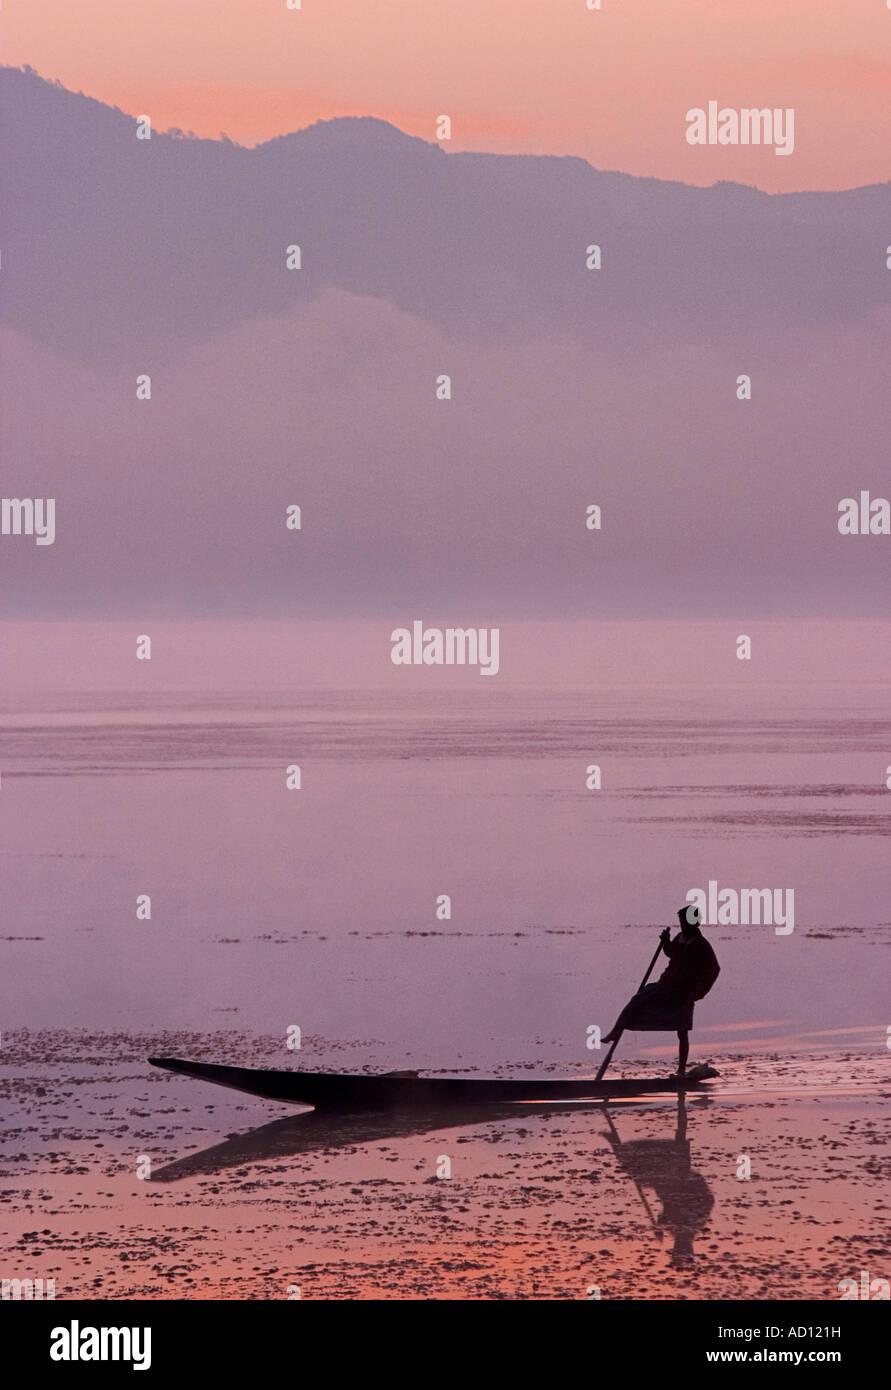 Man fishing at sunrise, Lake Inle, Myanmar (Burma) - Stock Image